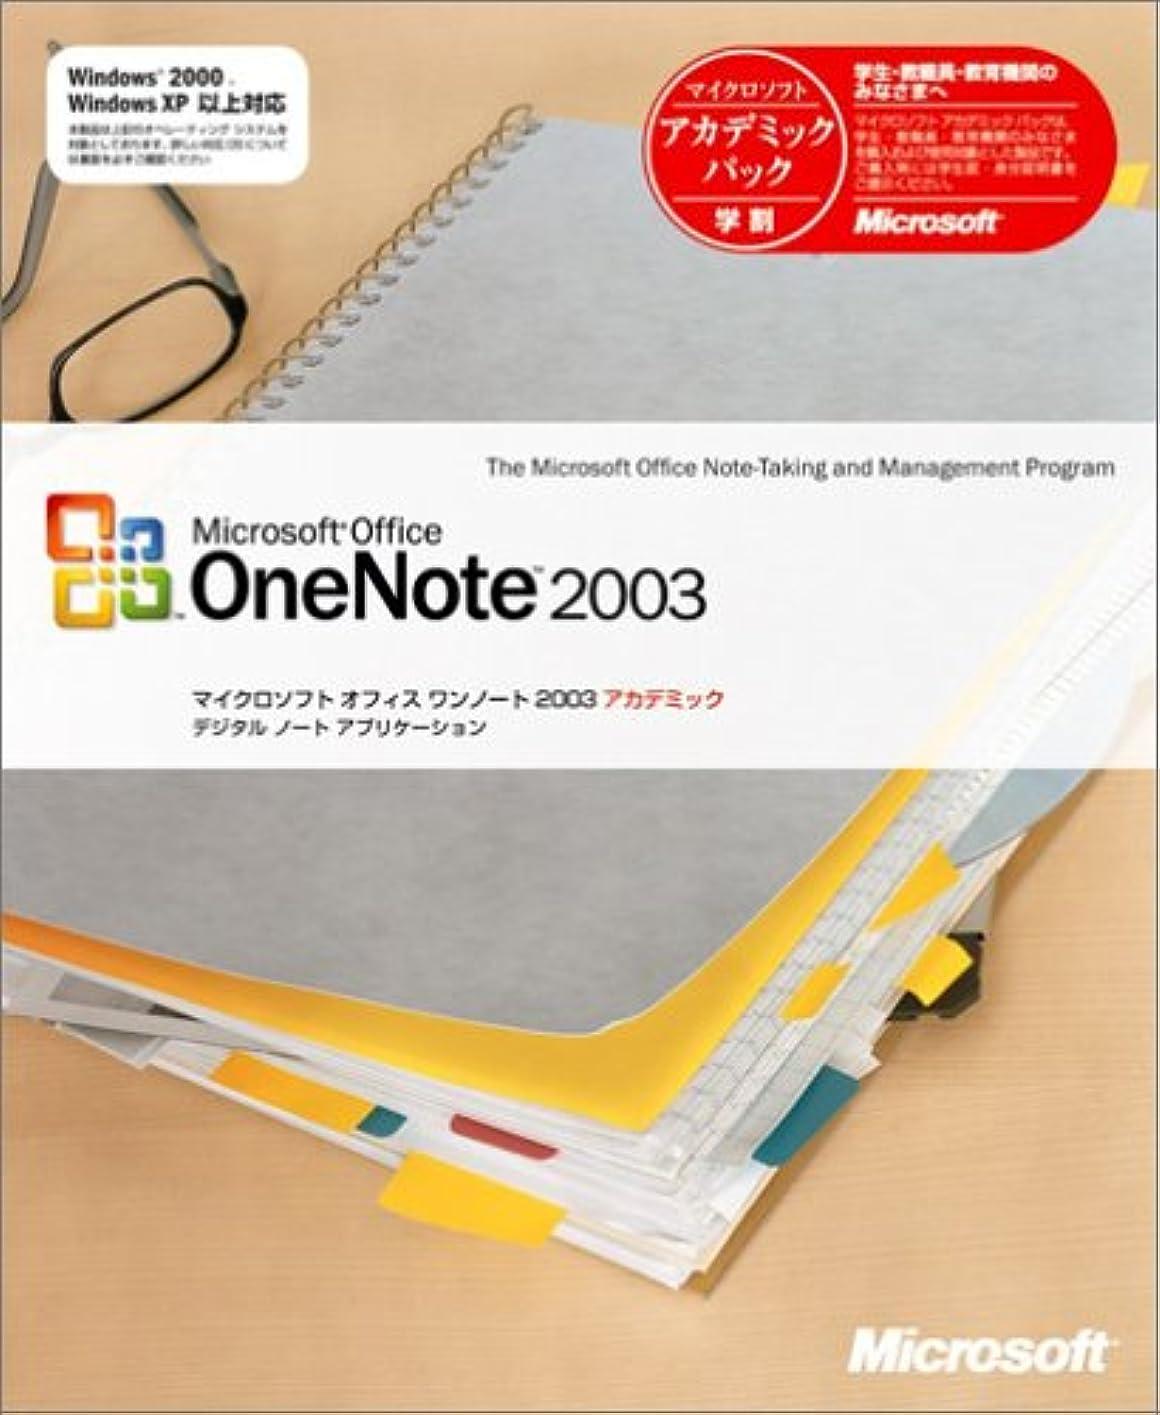 ご近所趣味反応する【旧商品/サポート終了】Microsoft OneNote 2003 アカデミック版